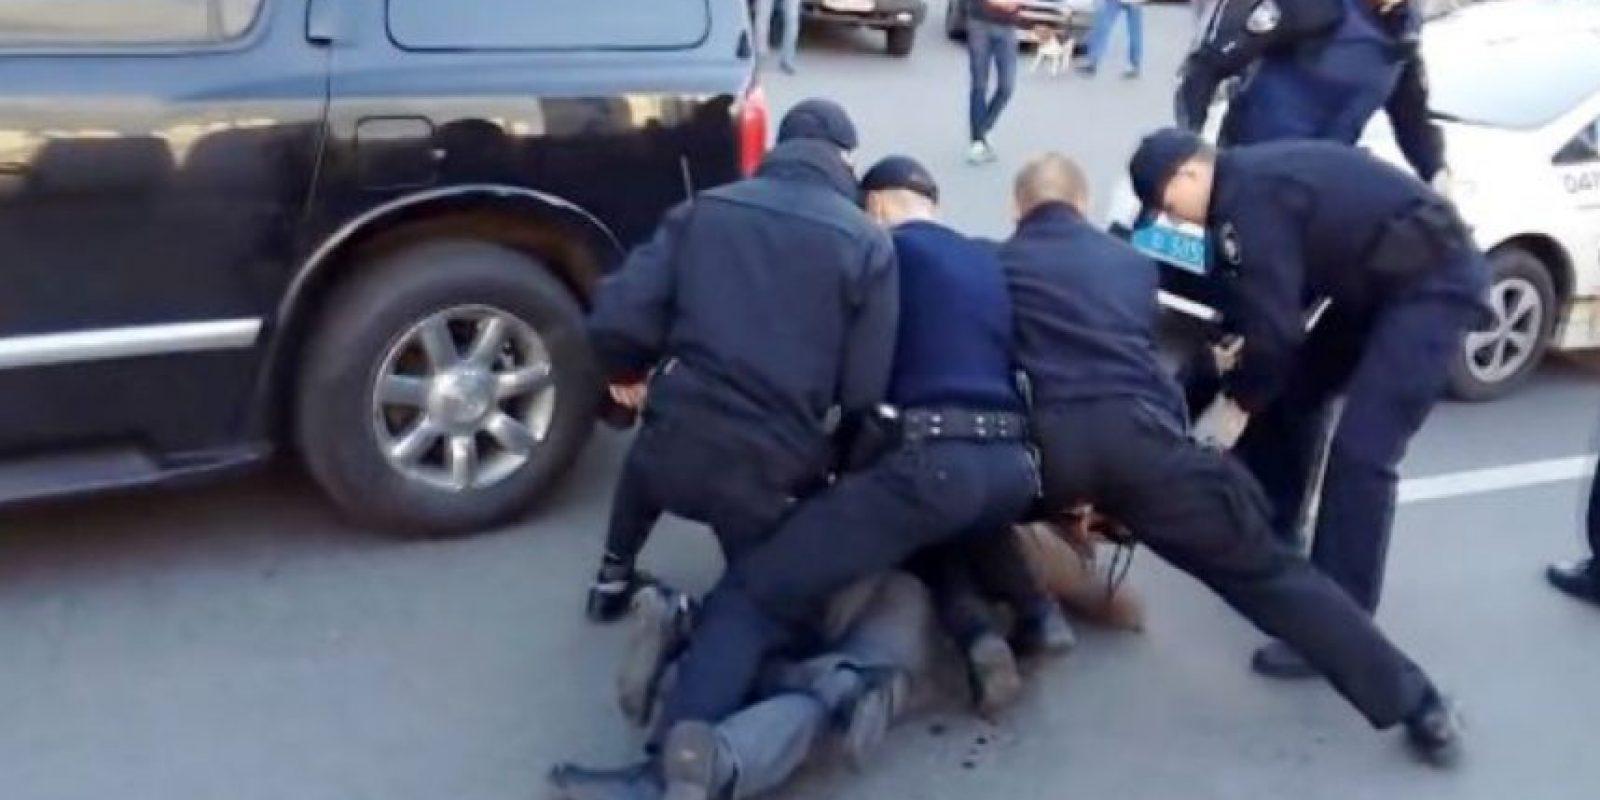 Se necesitaron hasta siete policías para detener a Vyacheslav Oliynyk Foto:Twitter